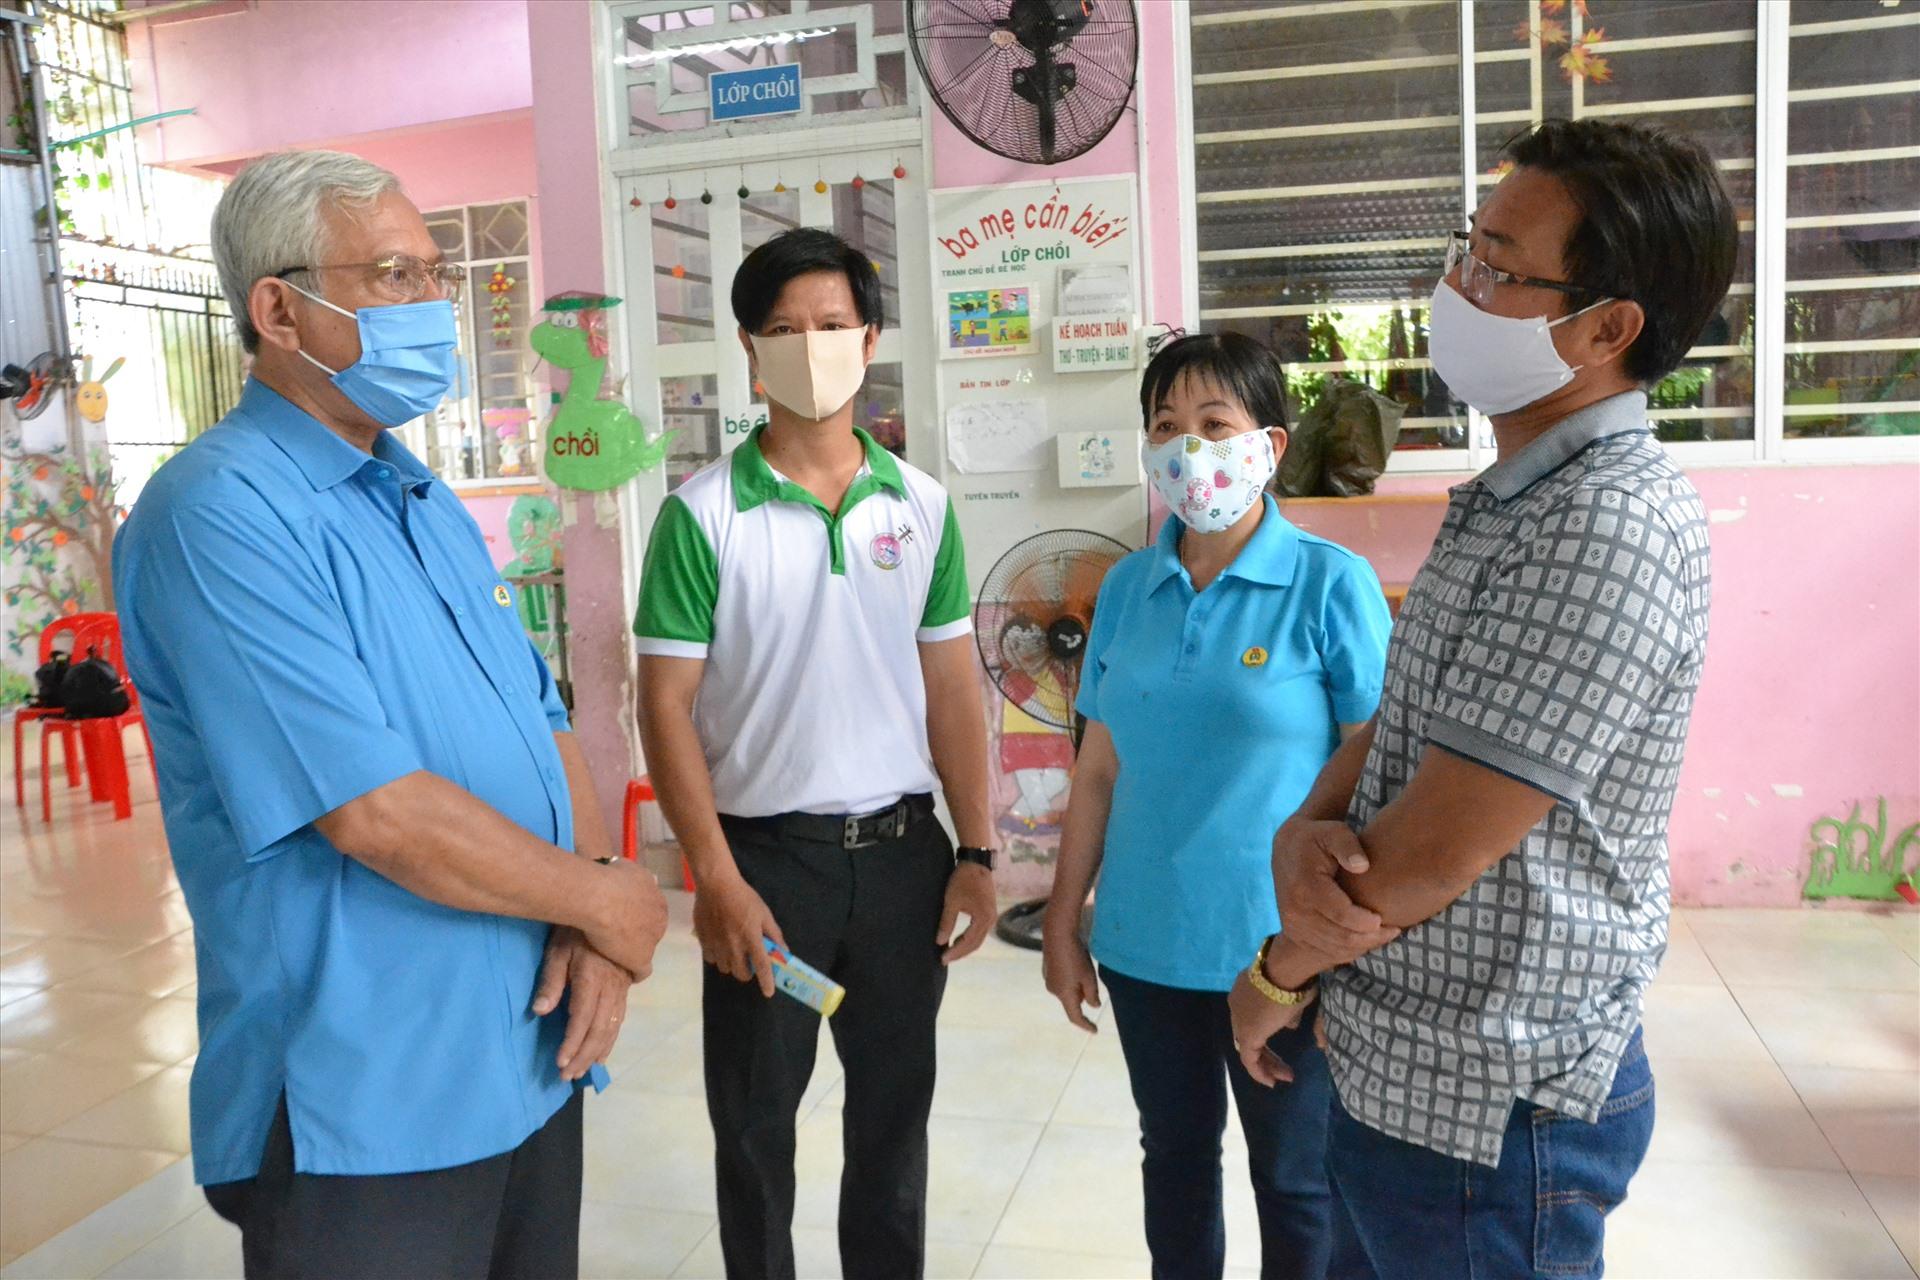 Chủ tịch LĐLĐ An Giang trao đổi với lãnh đạo UBND huyện An Phú, Trường Đàn Tôi tìm giải pháp sớm ổn định đời sống, việc làm giáo viên. Ảnh: LT